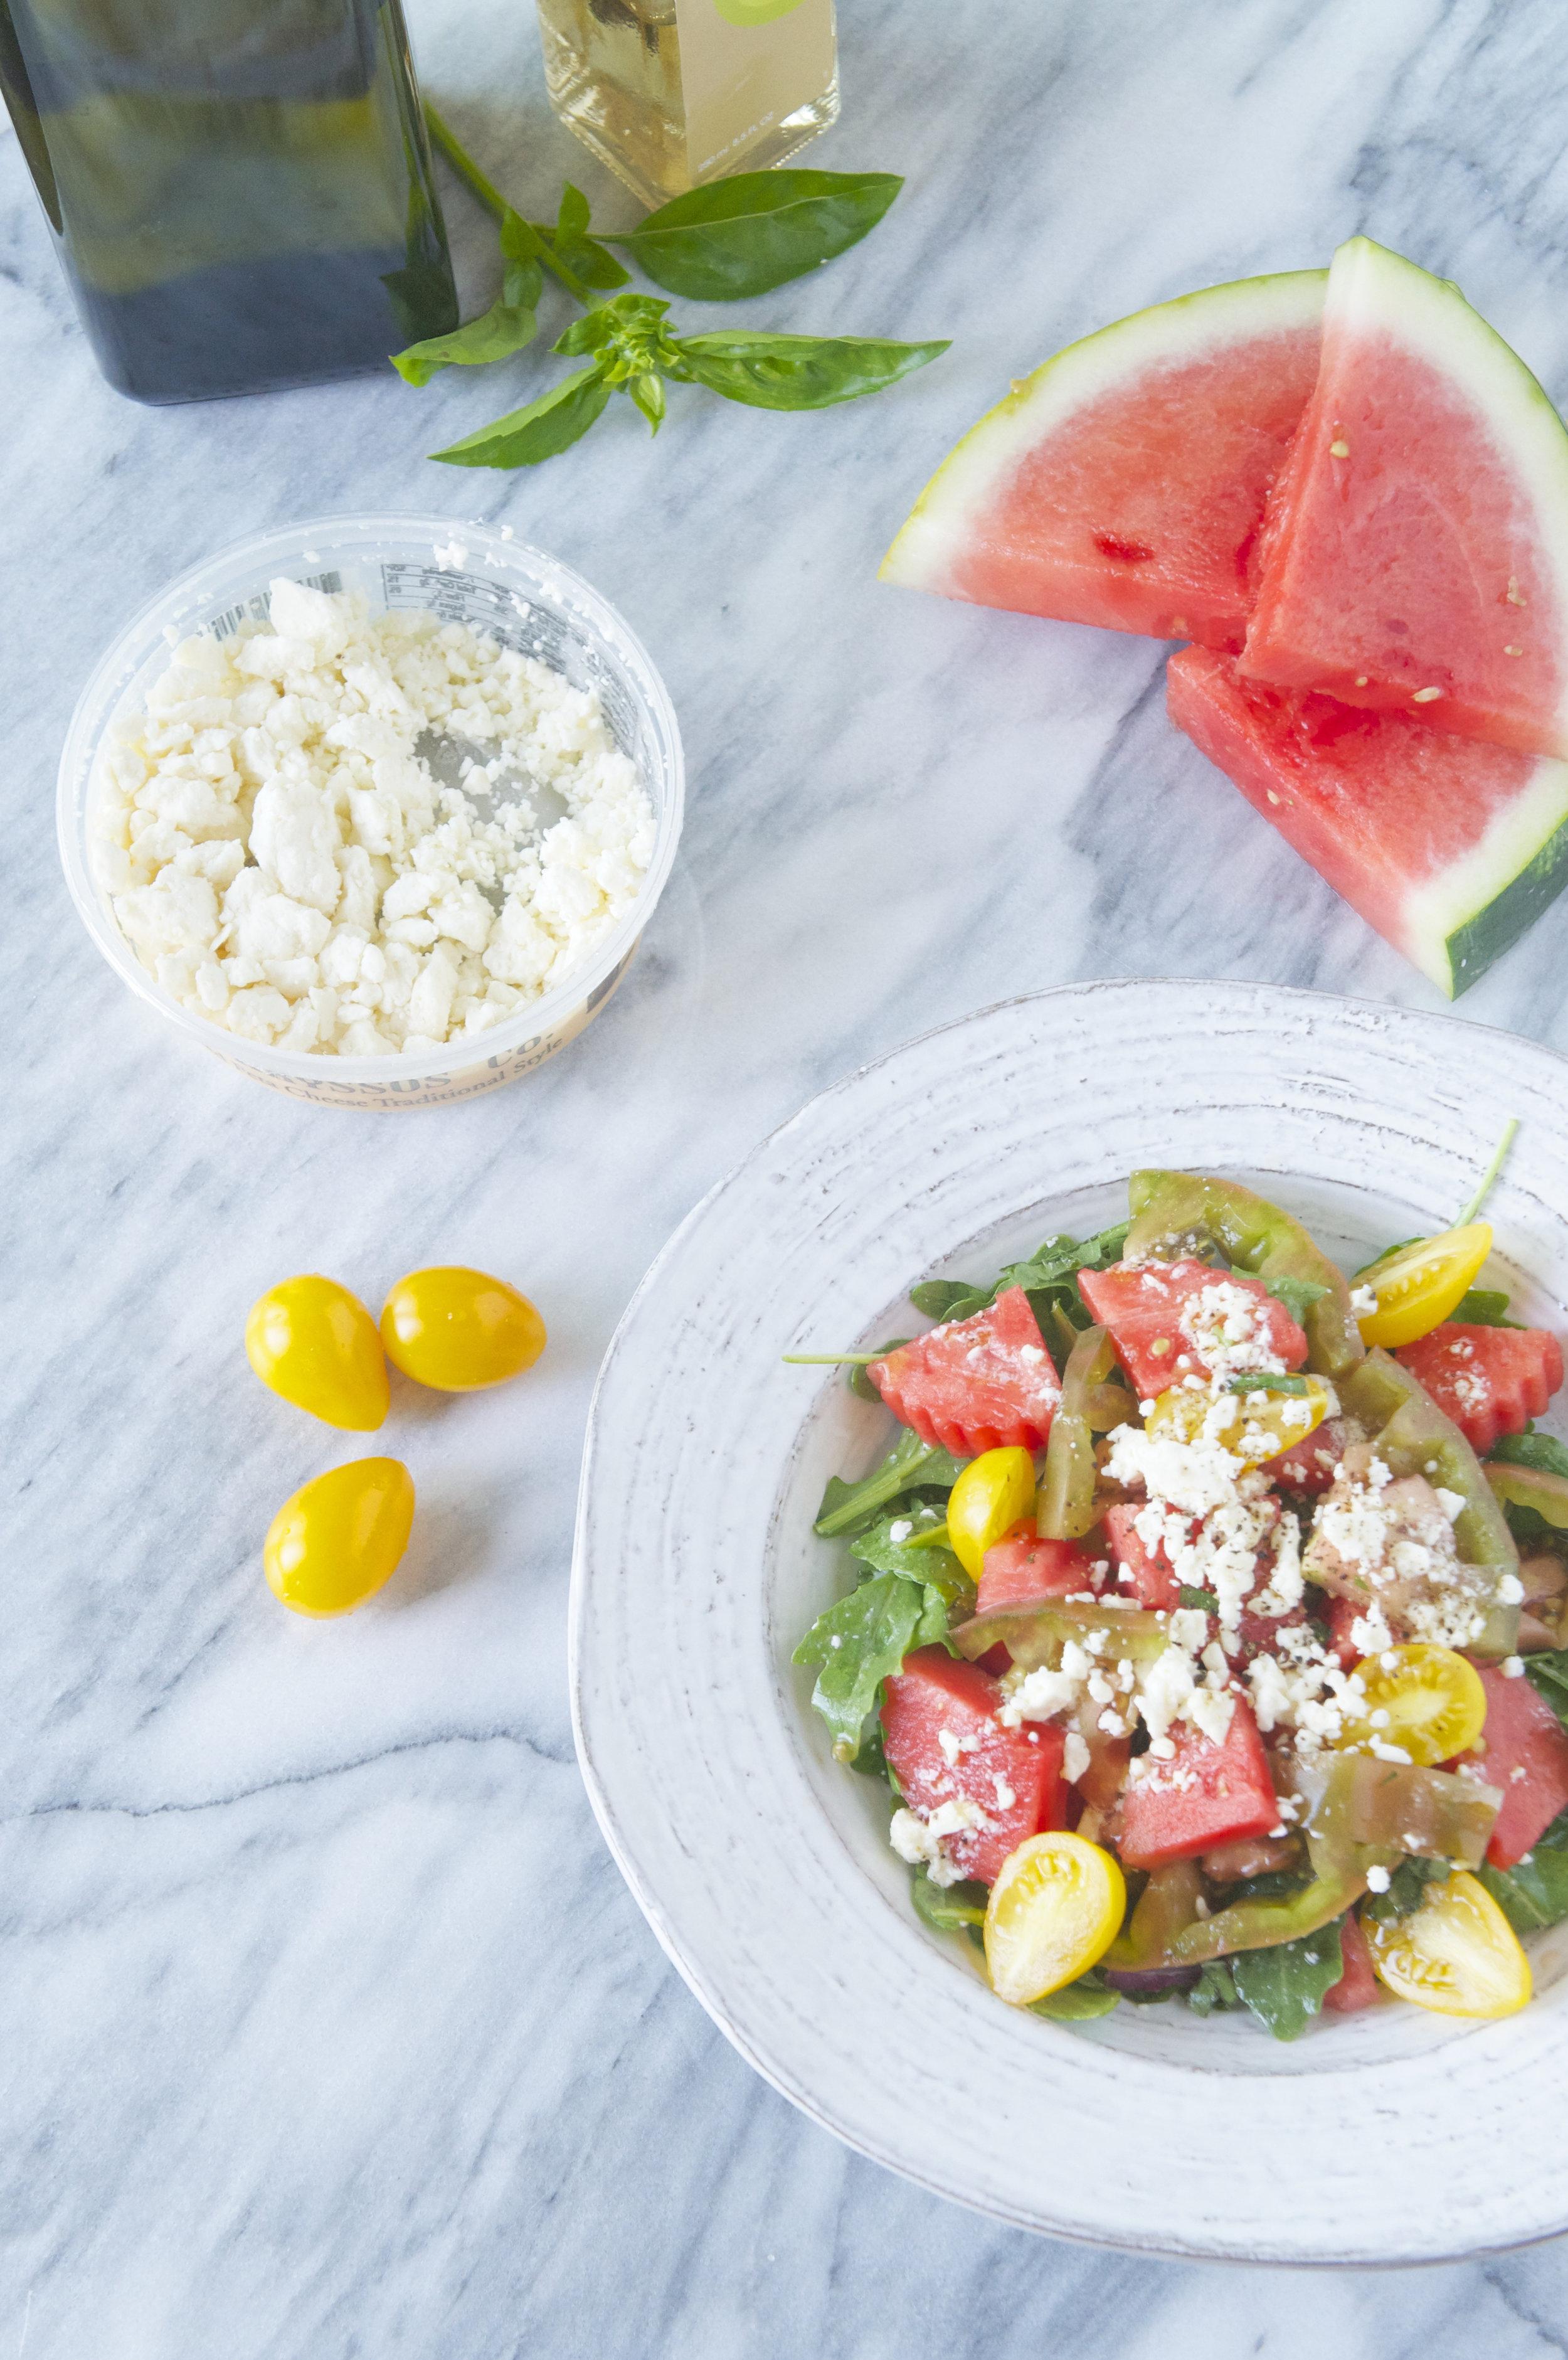 Watermelon, Tomato, and Feta Salad